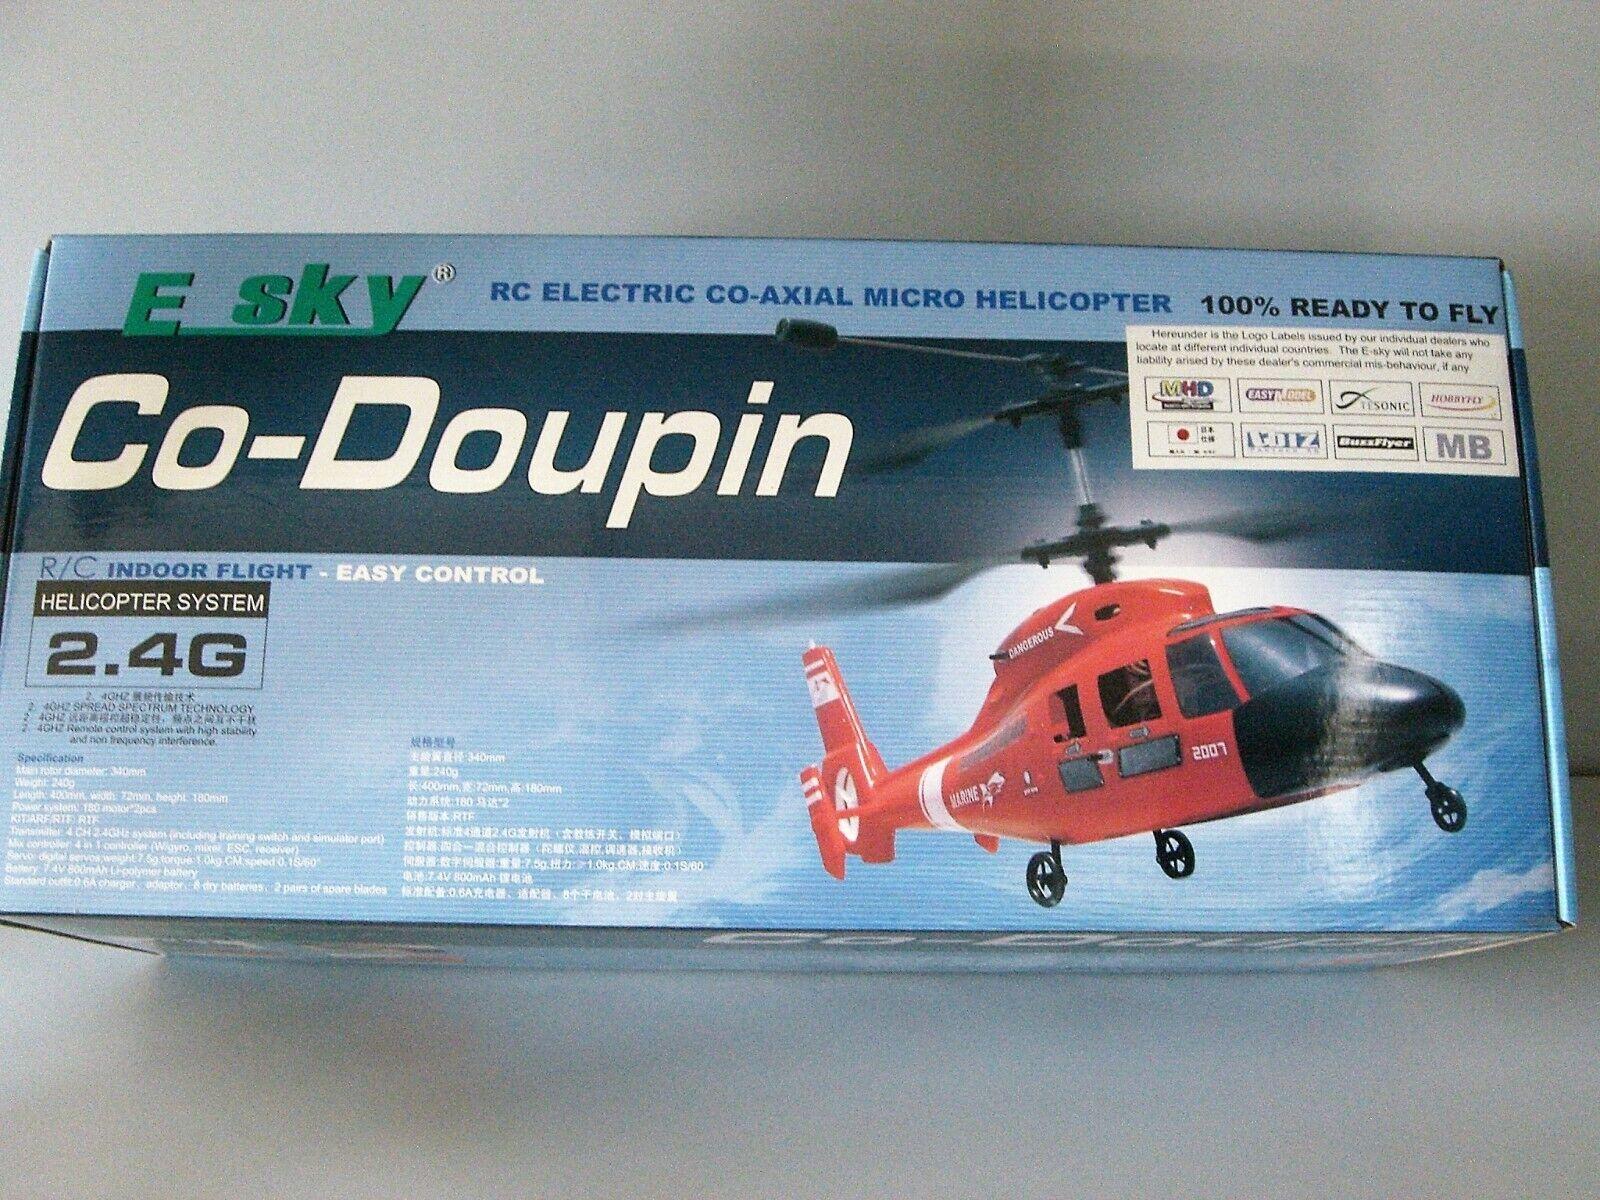 E SKY 000008 RC ELECTRIC CO-AXIAL MICRO HELICOPTER CO-DOUPIN RTF